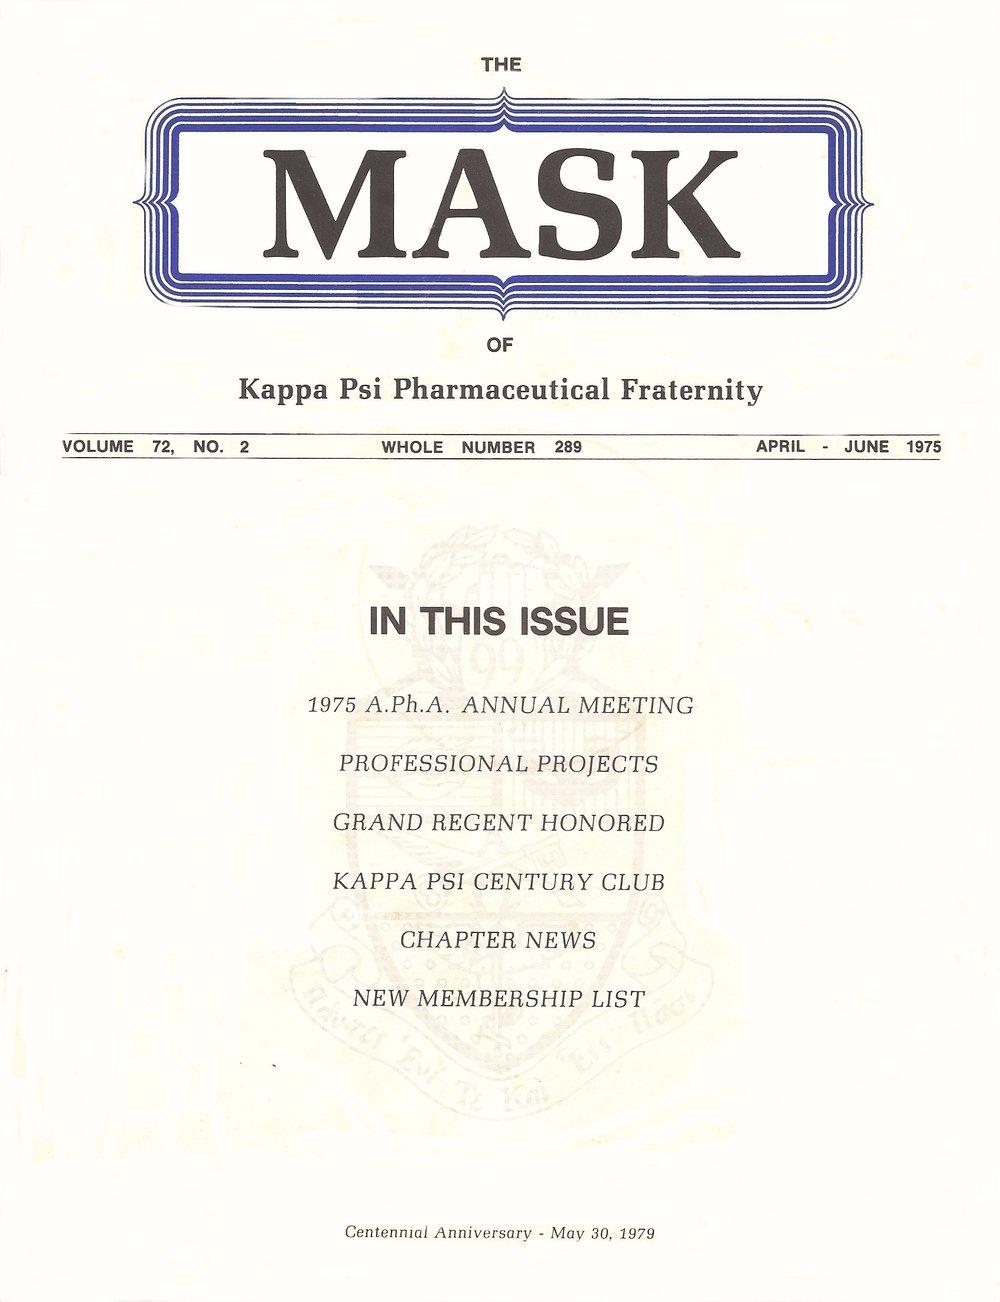 mask_cover_04_1975.jpg